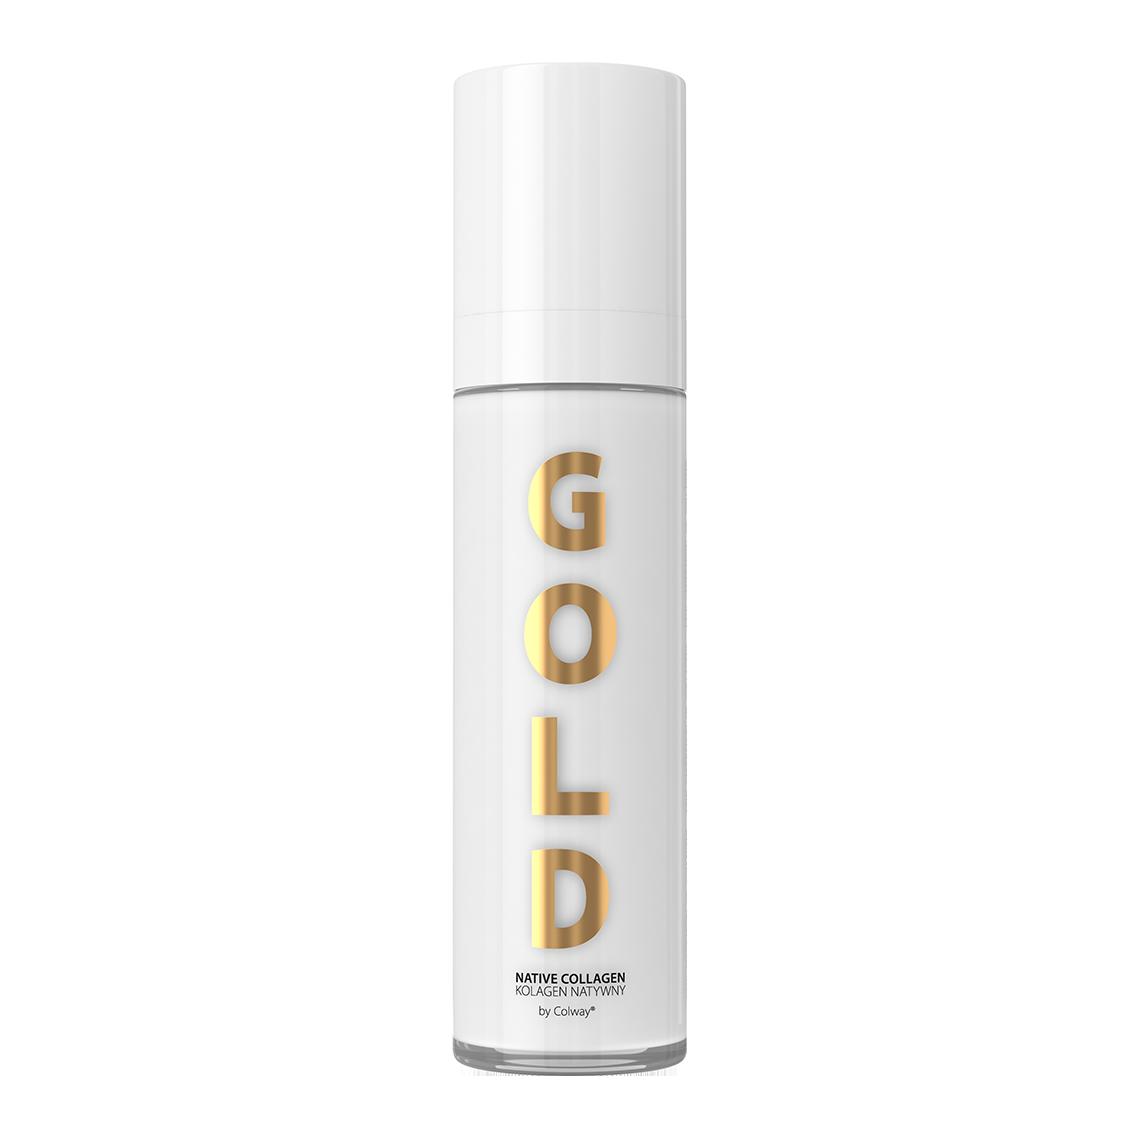 Kolagen natywny gold 50ml gda skie centrum kolagenu for Kolagen w tabletkach